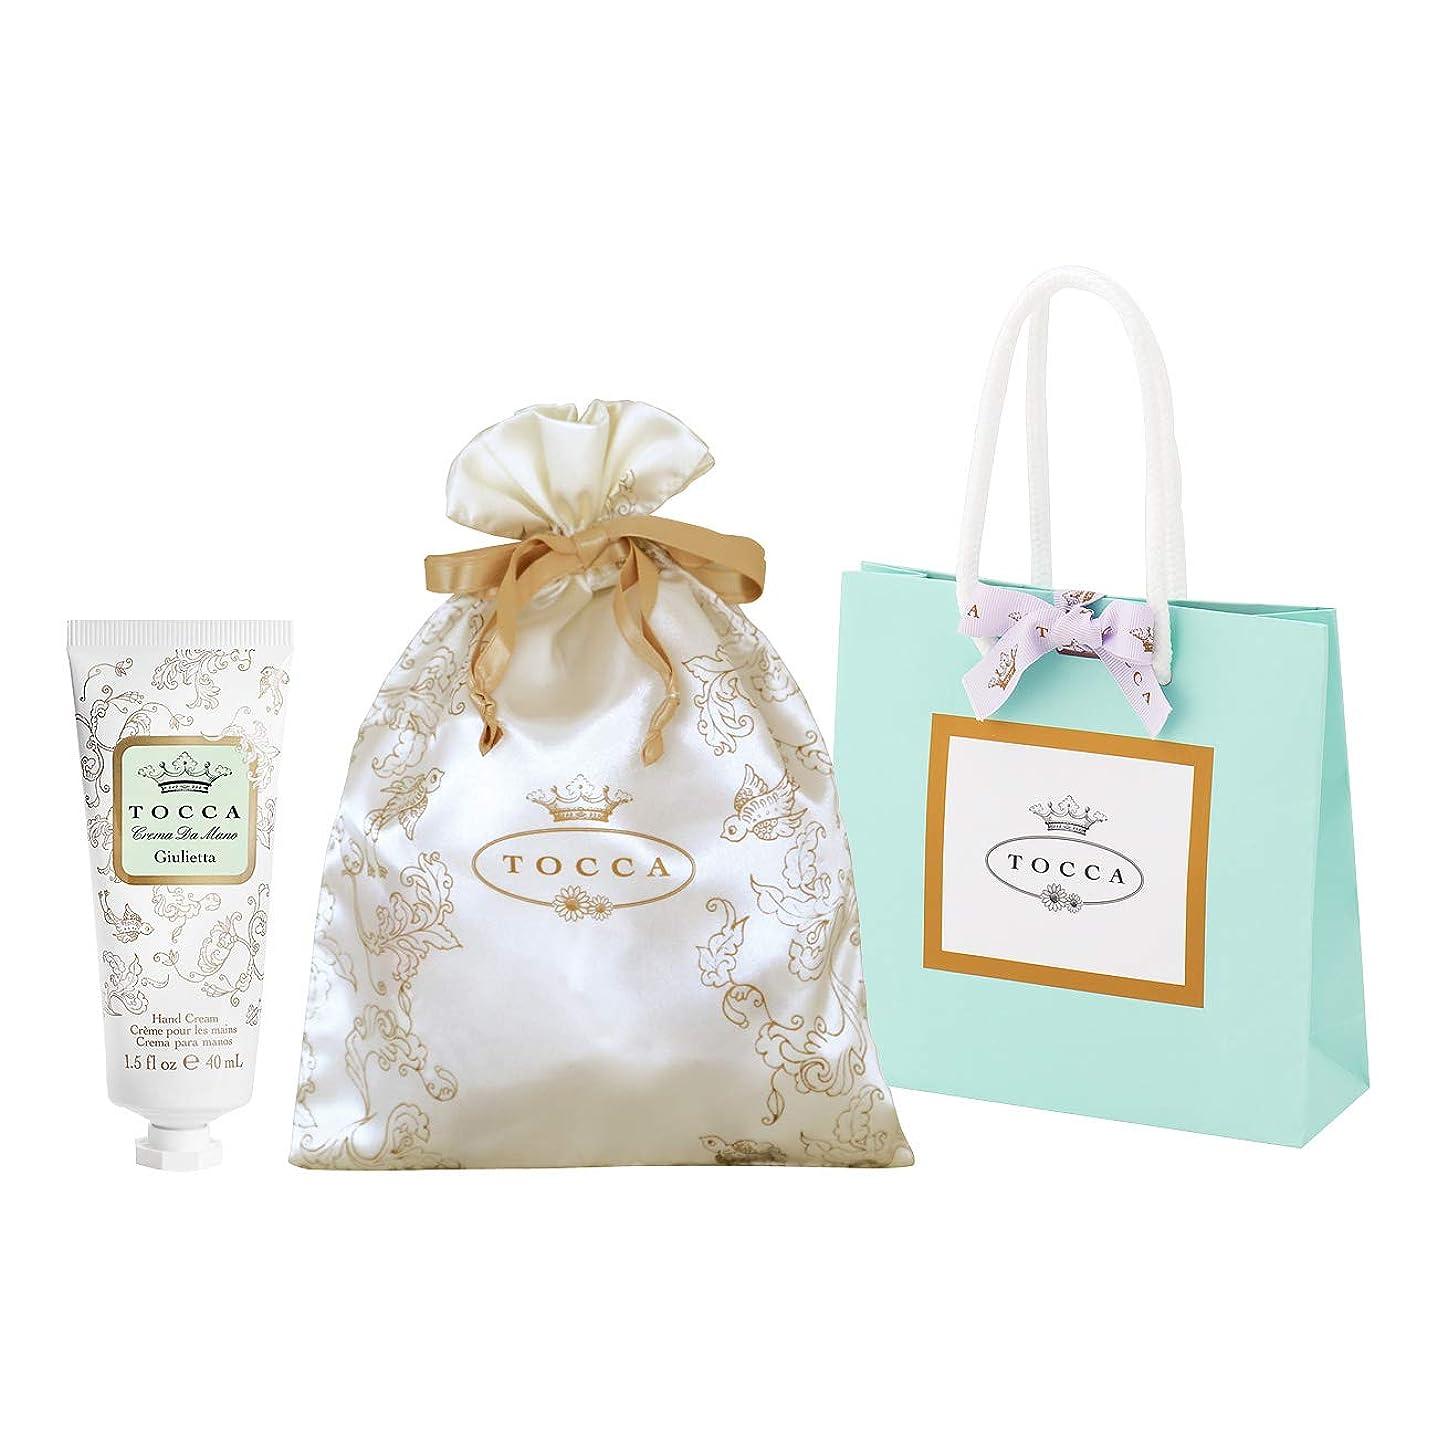 分配します飾るポータブルトッカ(TOCCA) ハンドクリーム ジュリエッタの香り 40mL 巾着&ショッパー付 (手指用保湿 ギフト 手提袋付 爽やかで甘い香り)